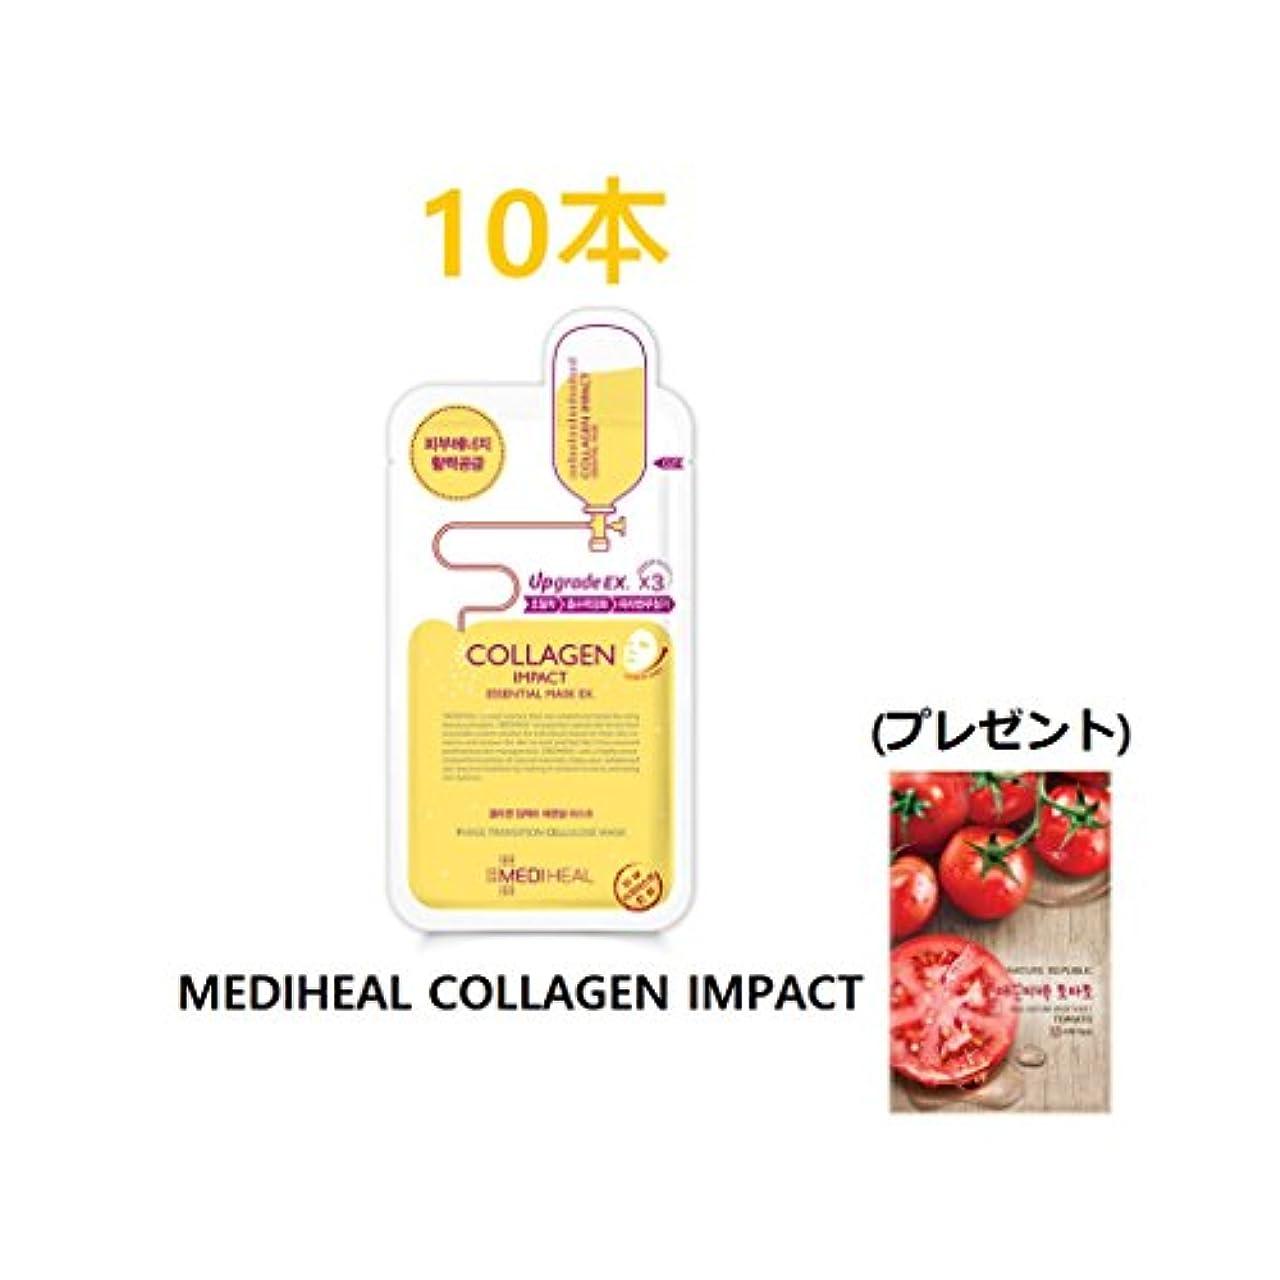 真珠のようなバレル縁石(プレゼント) Mediheal Collagen Impact REX (メディヒール) エッセンシャルマスクパック10枚セット/コラーゲンインパクト/ [並行輸入品]